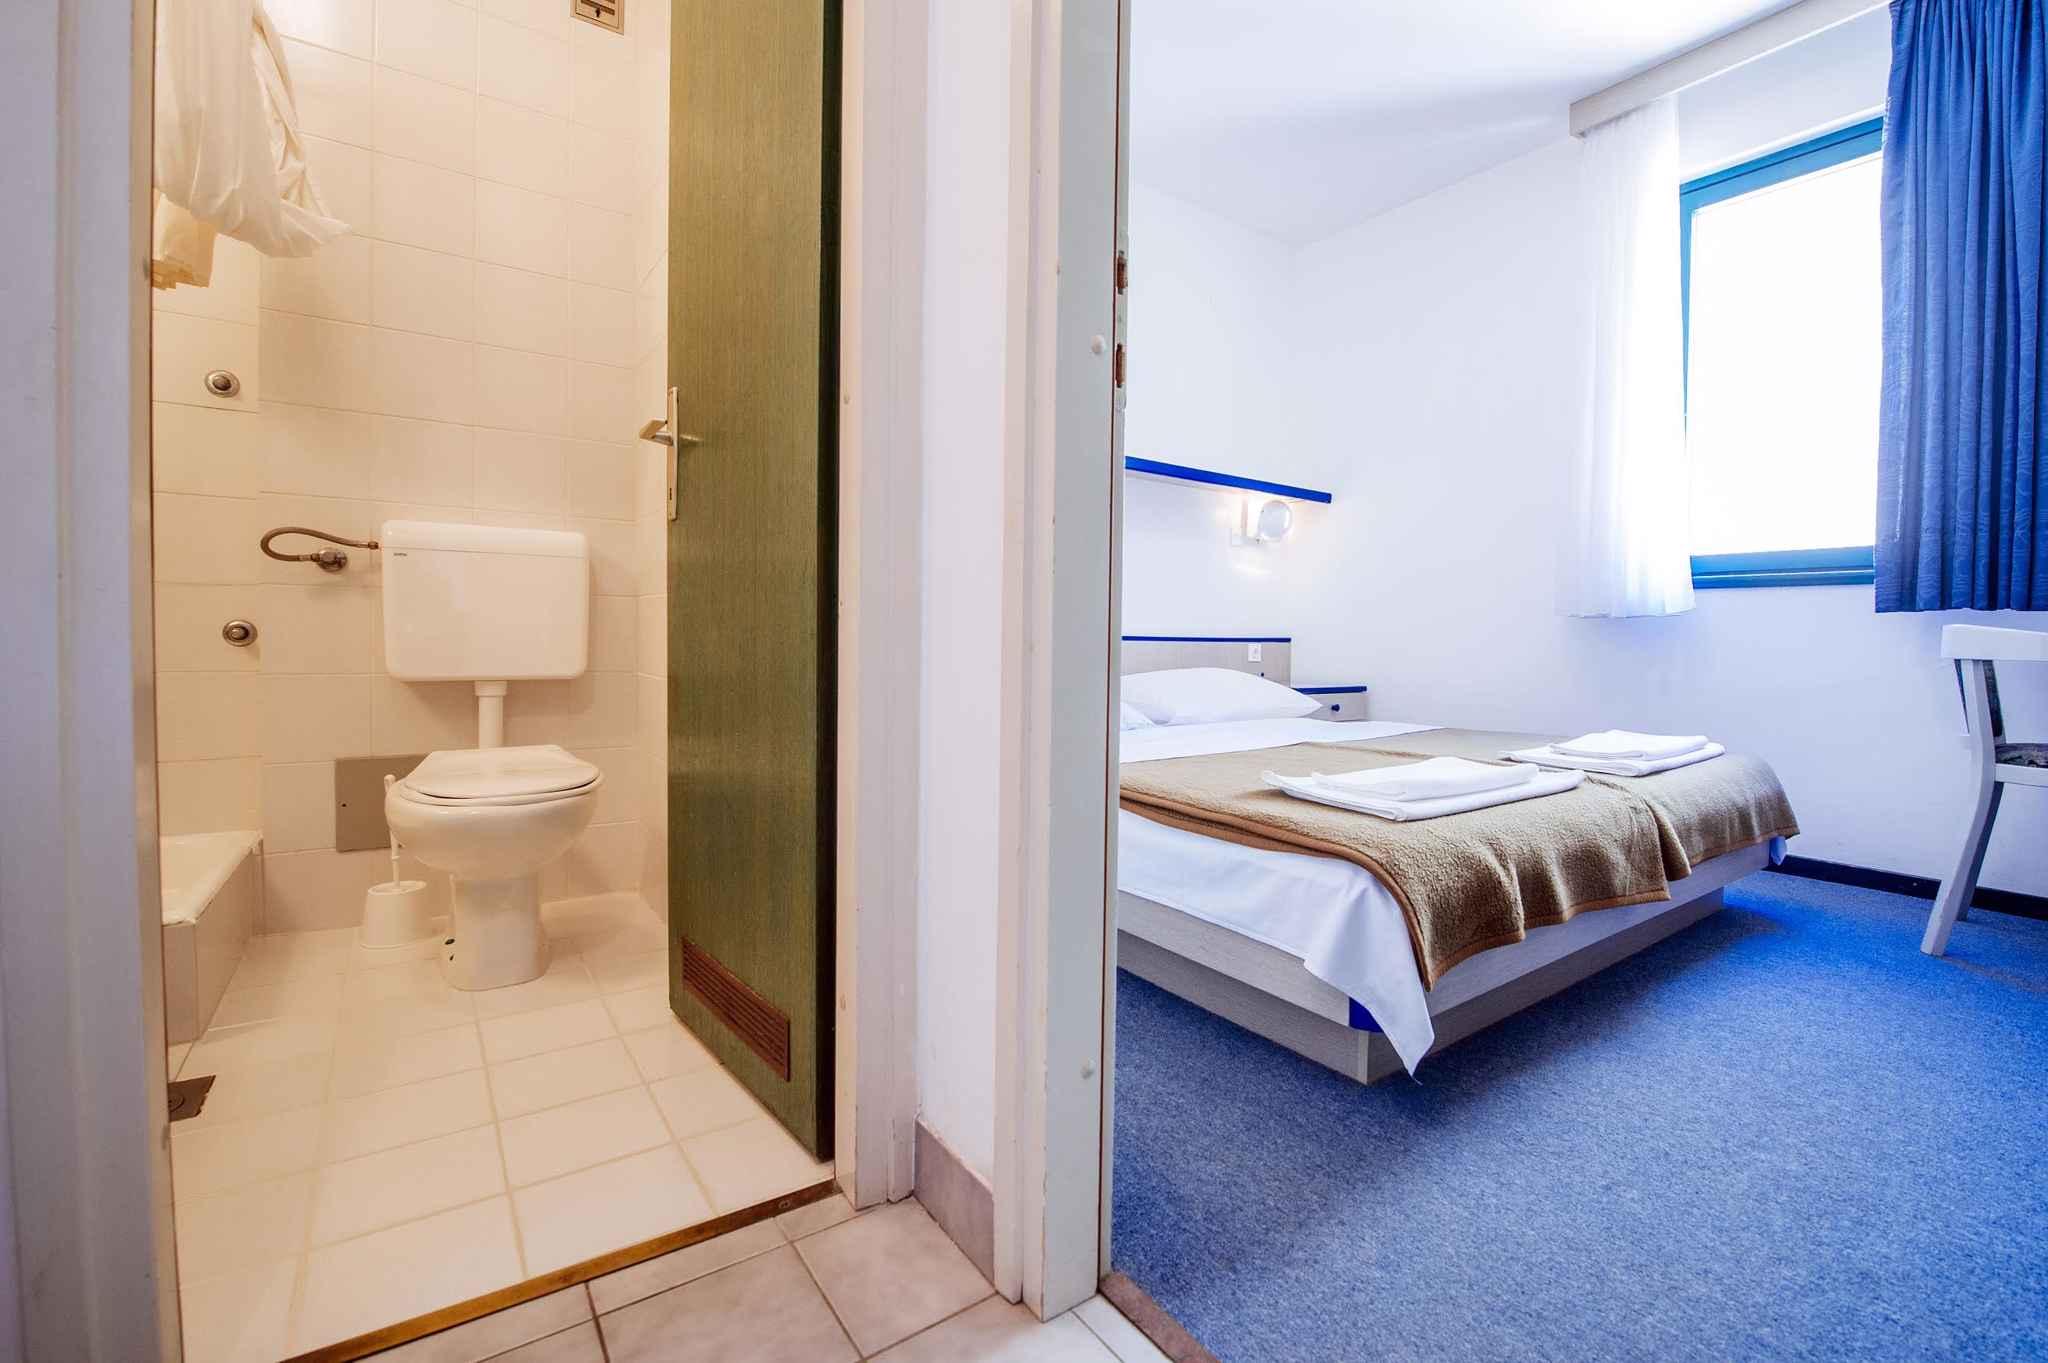 Ferienwohnung Ferienanlage Croatia (278901), Sveti Filip i Jakov, , Dalmatien, Kroatien, Bild 6